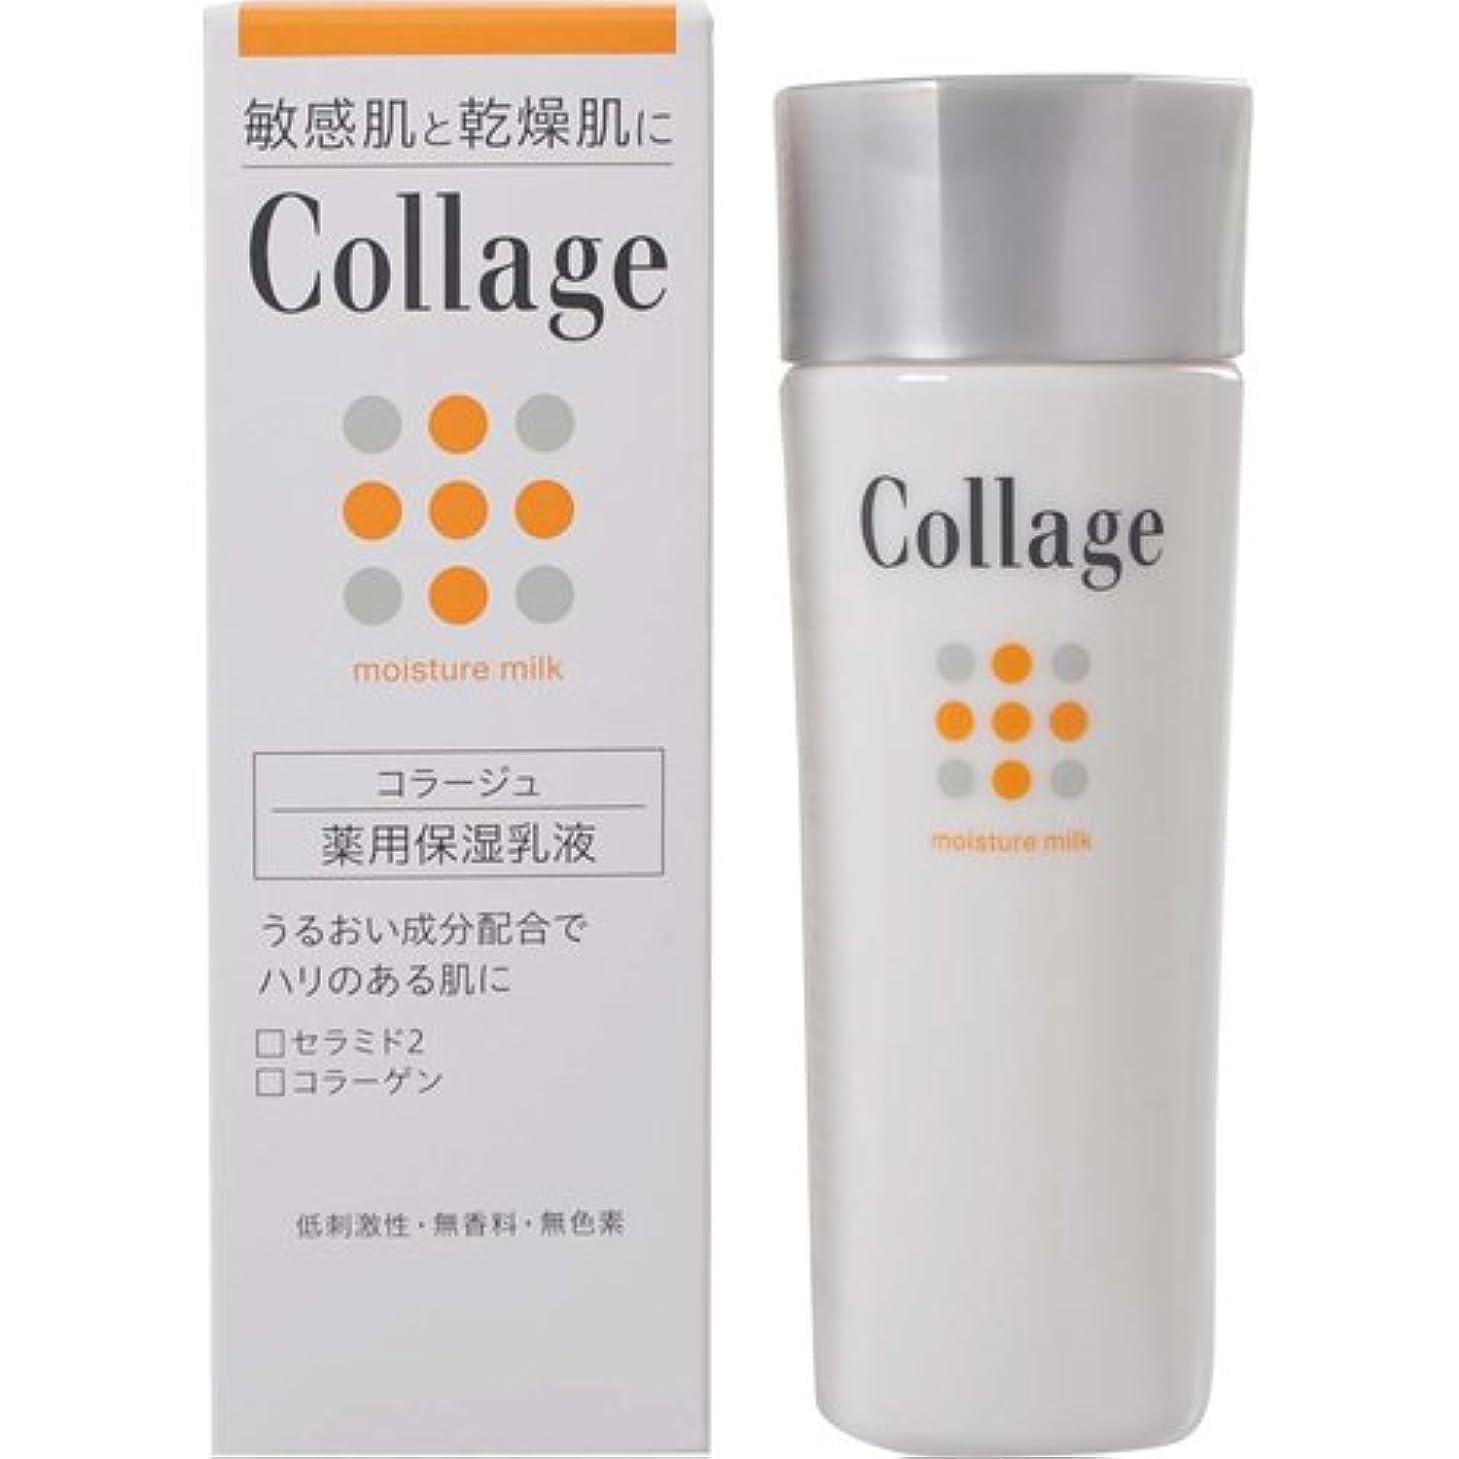 基礎データ一緒コラージュ 薬用保湿乳液 80mL 【医薬部外品】